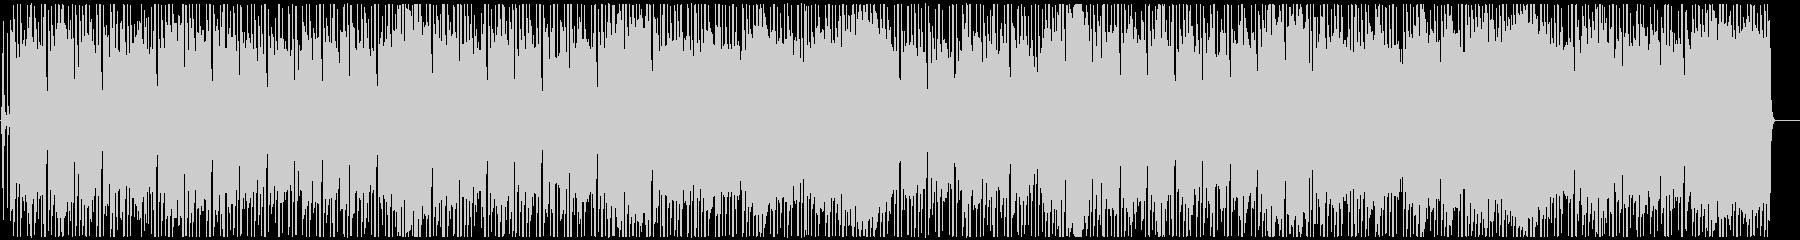 レゲエ 甘く切ないラヴァーズロックの未再生の波形